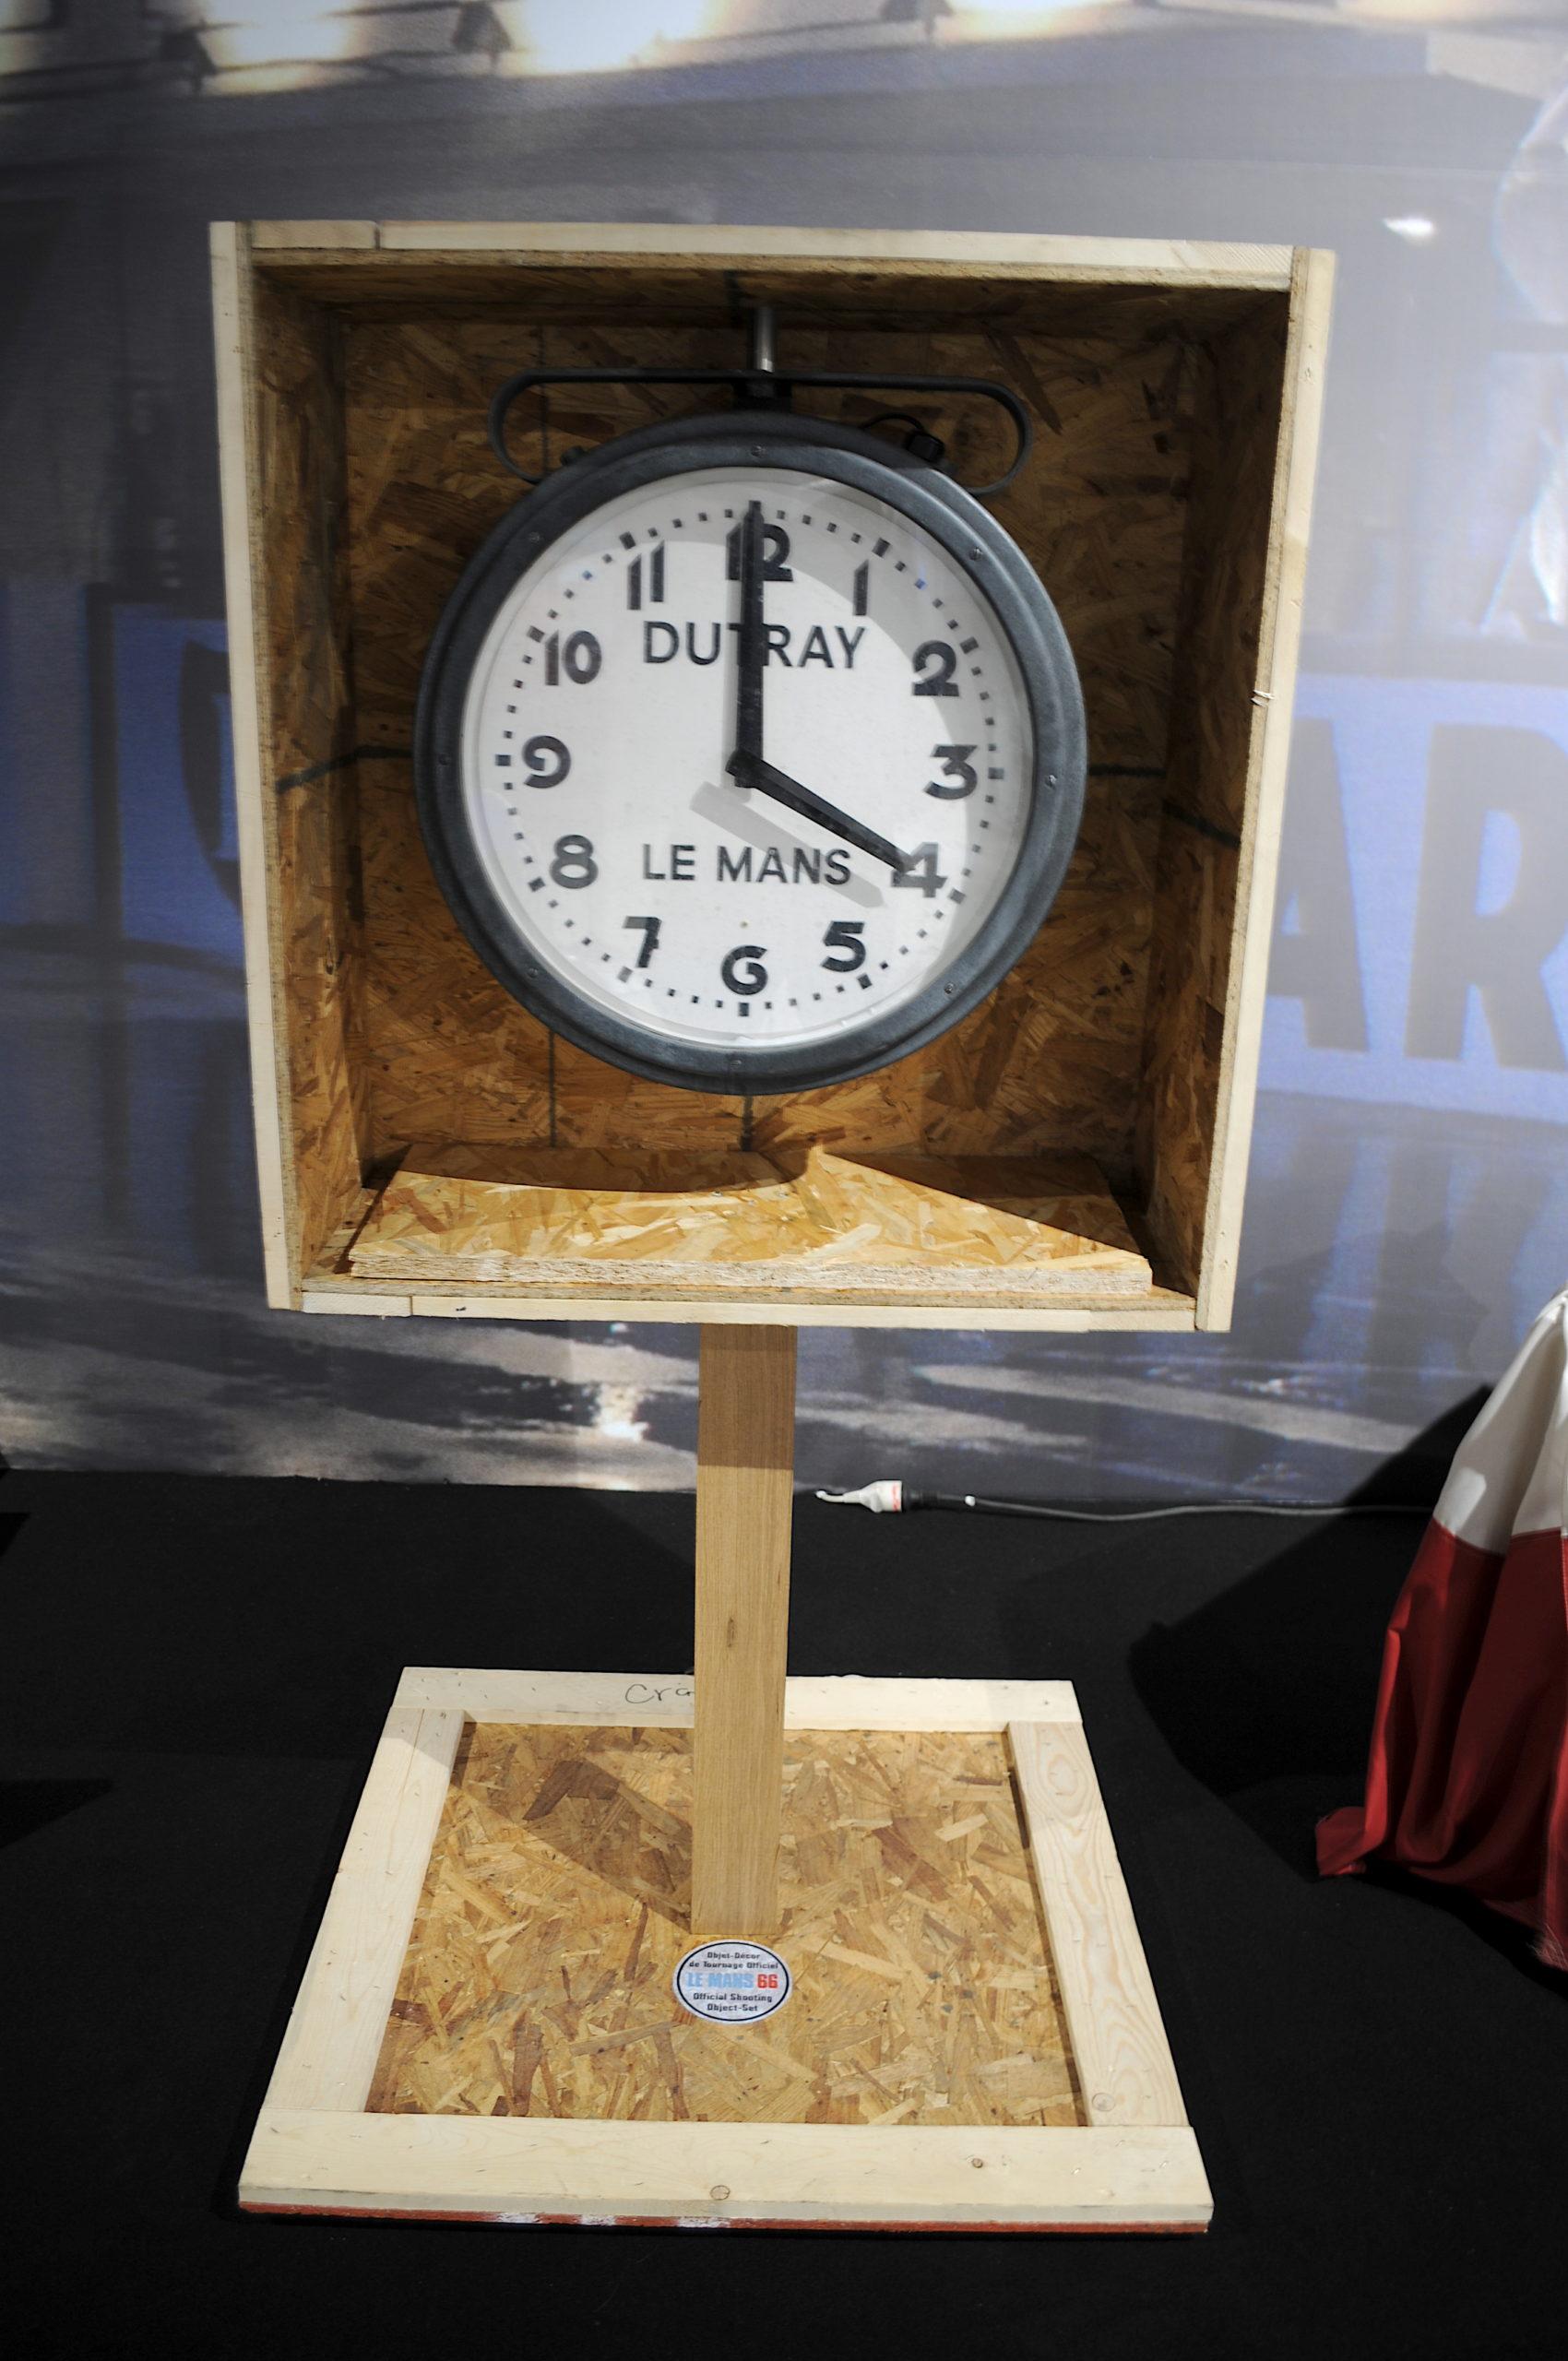 Horloge Dutray Le Mans 66